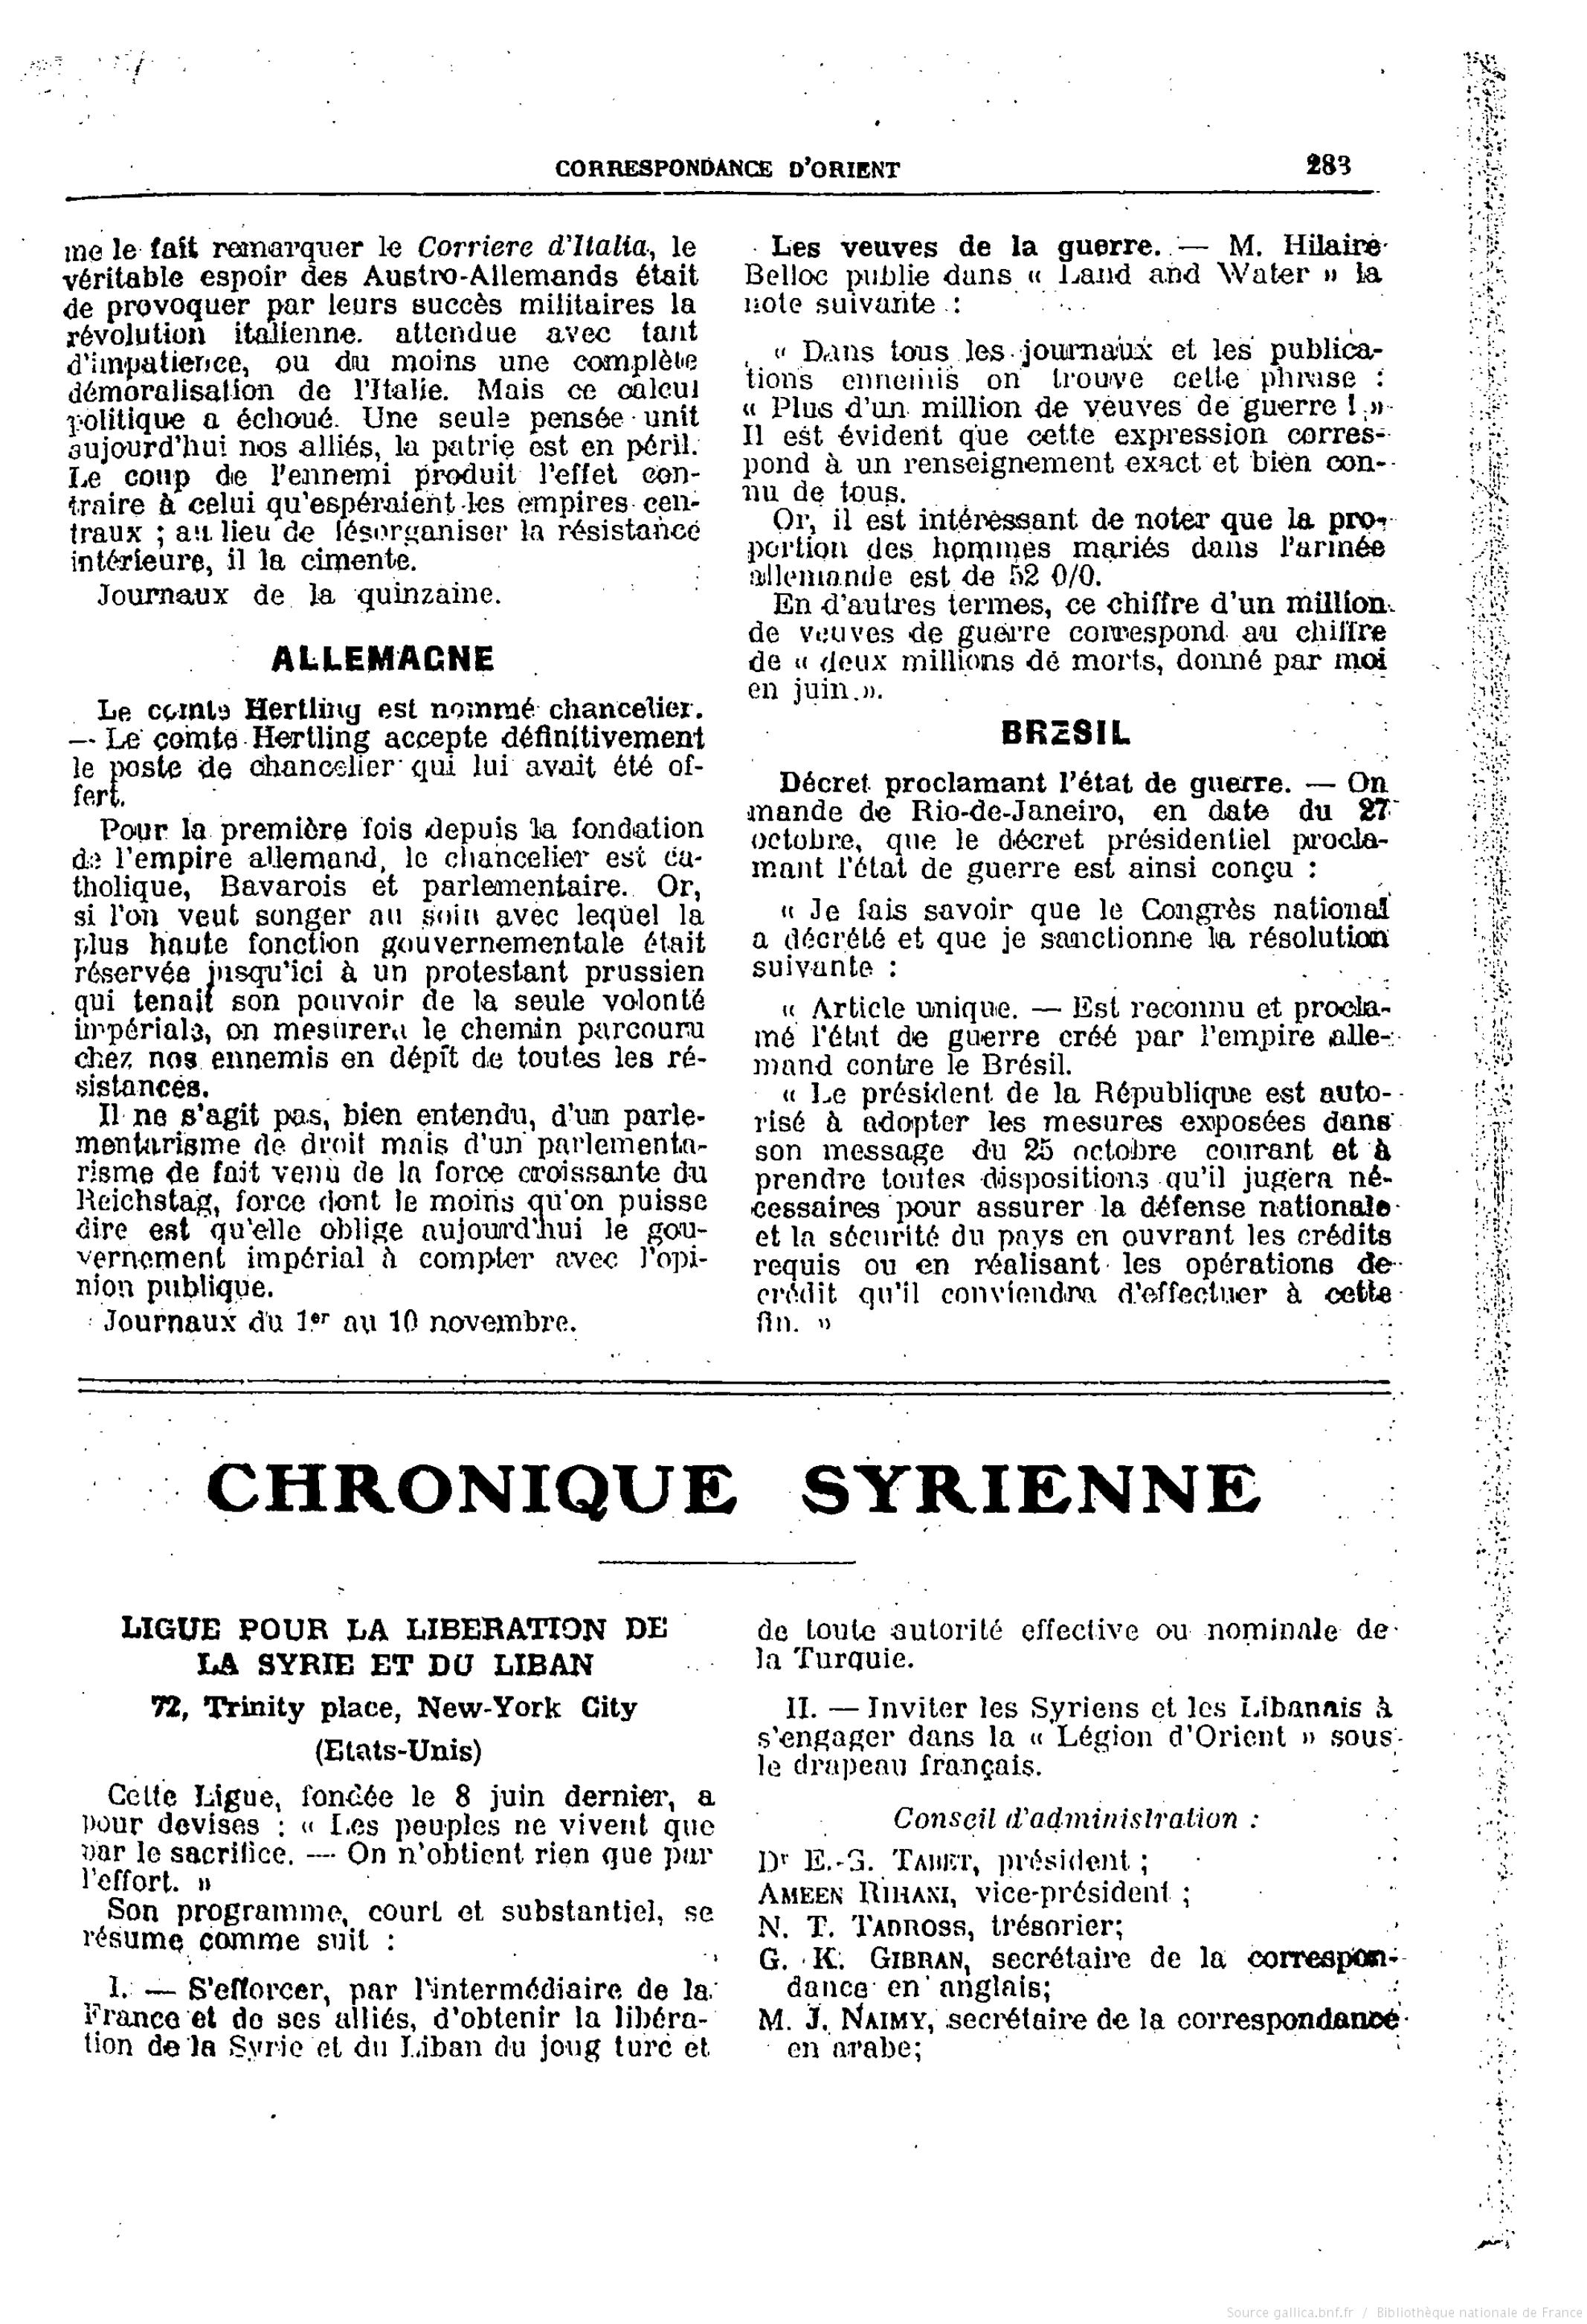 """Ligue pour la liberation de la Syrie et du Liban (Chronique Syrienne), """"Correspondance d'Orient"""", 11-10-1917"""